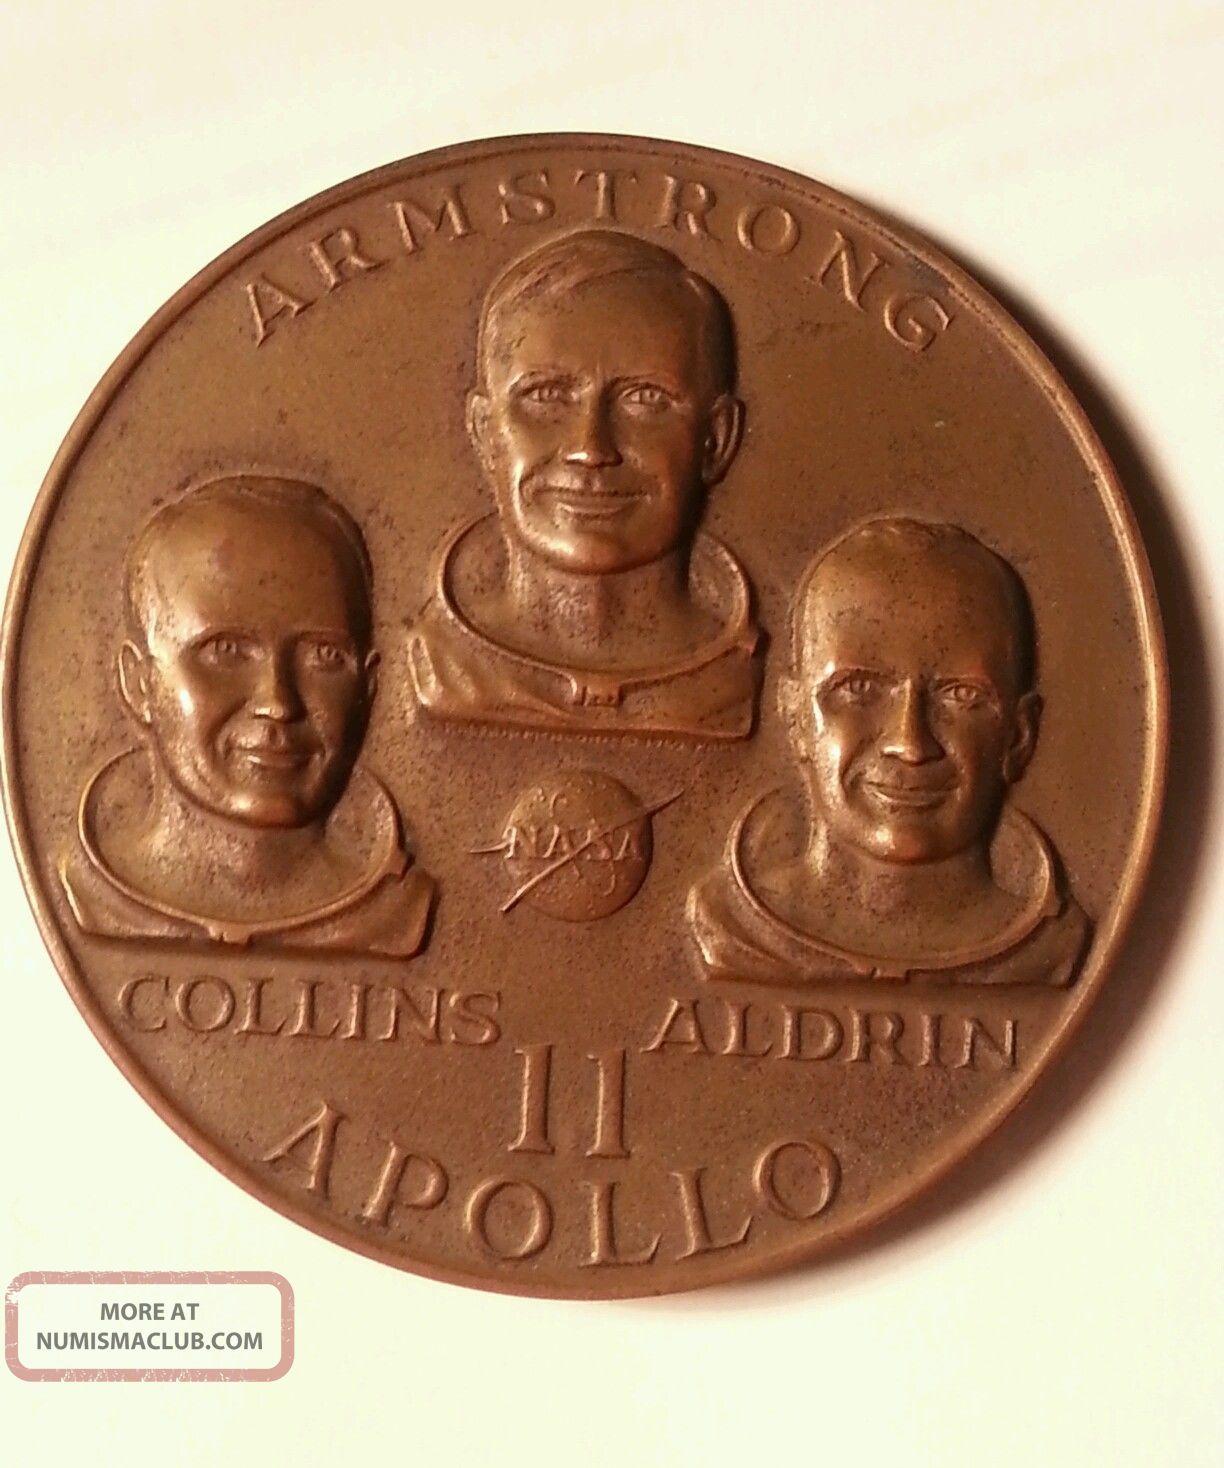 silver medallion apollo 11 coin - photo #29